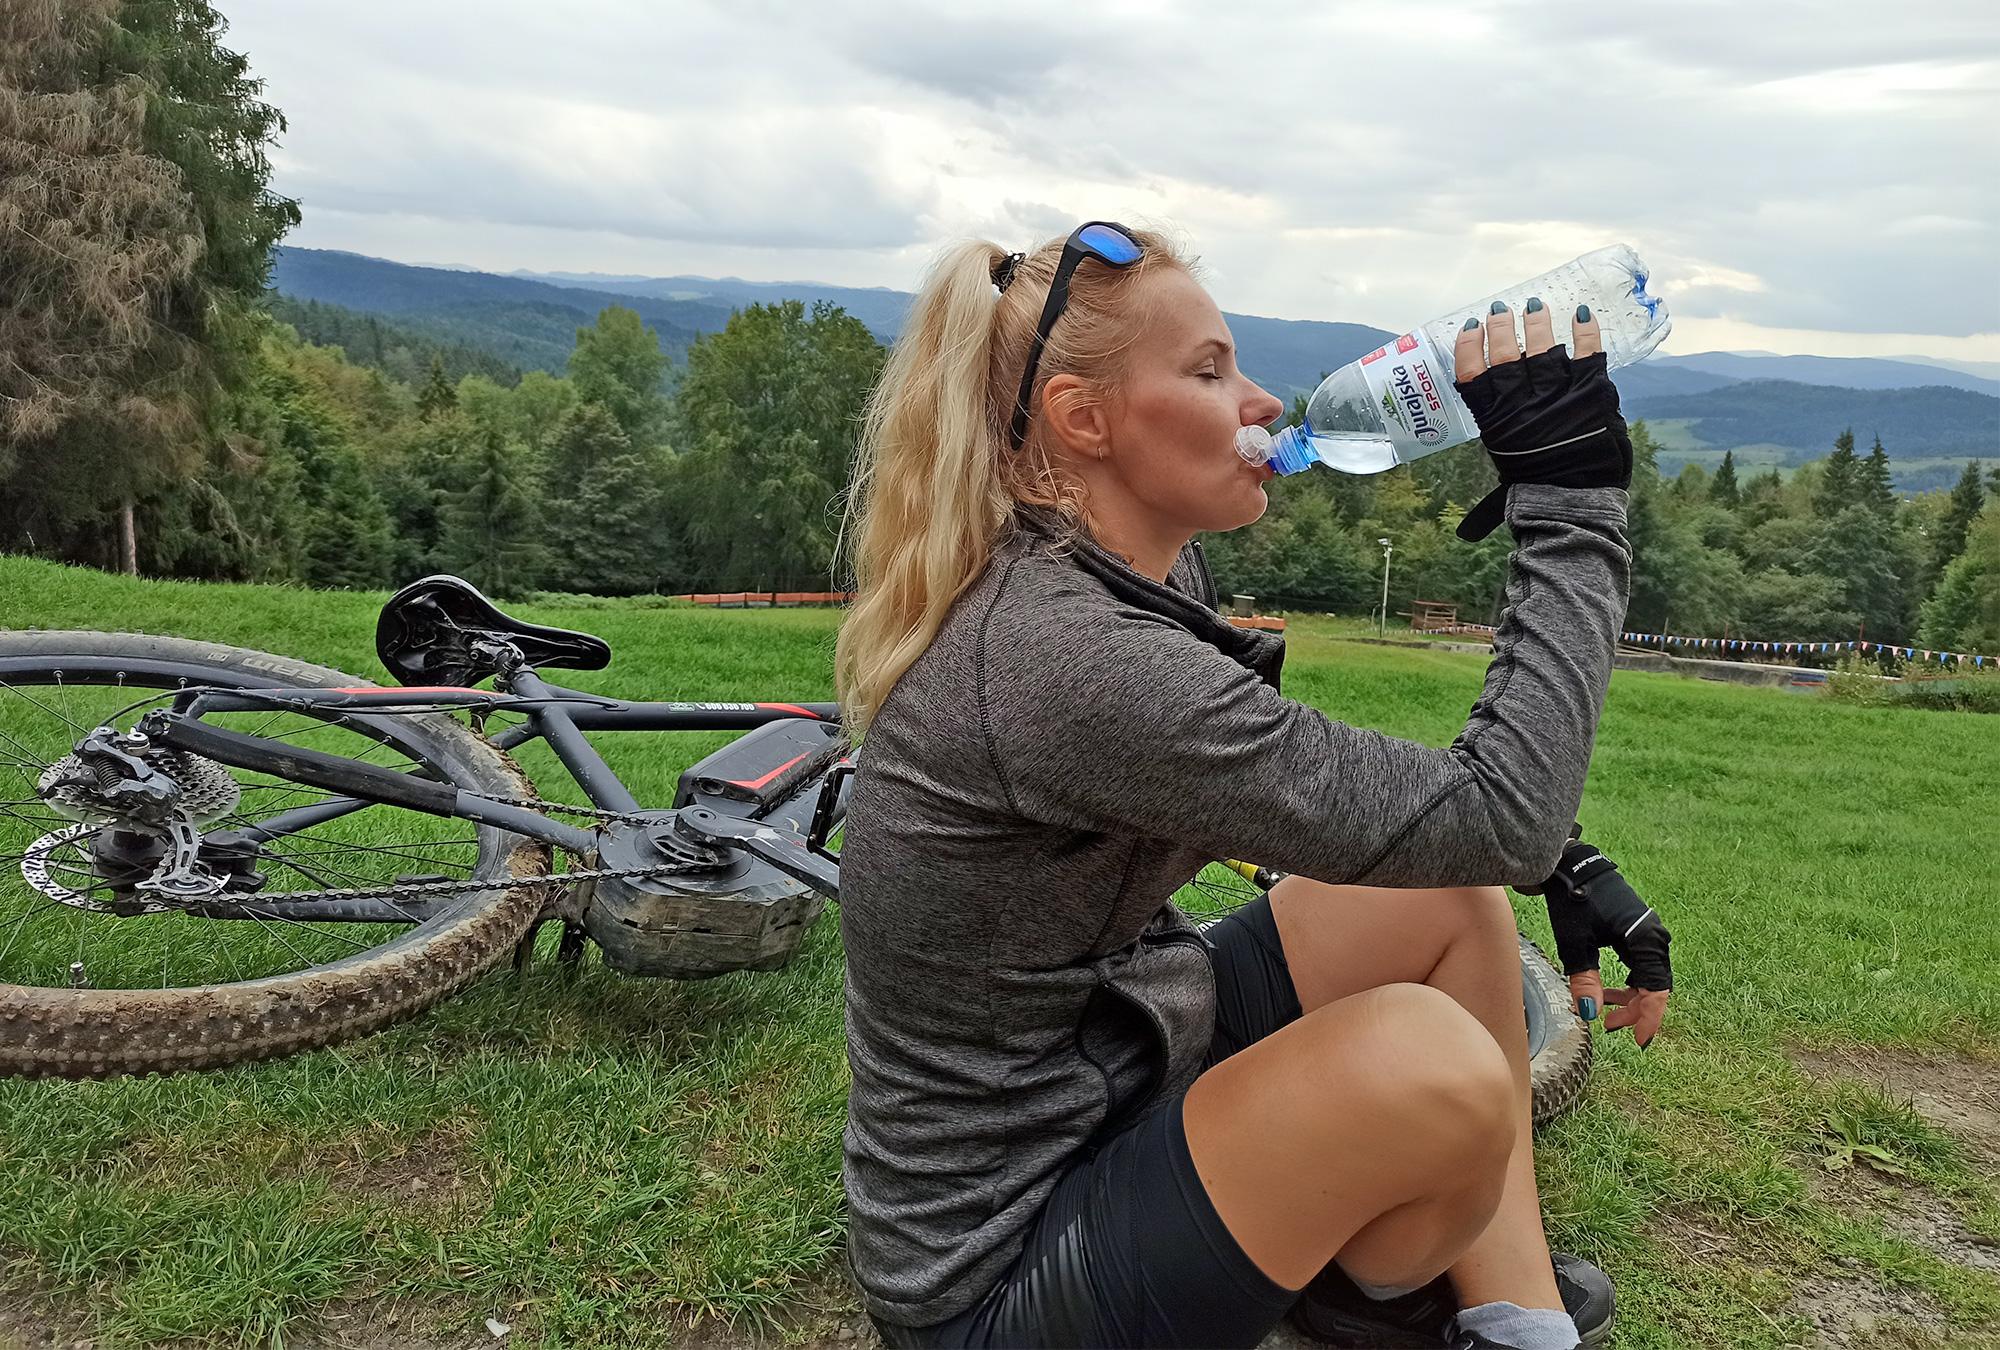 Na rowerkach, Góra Parkowa